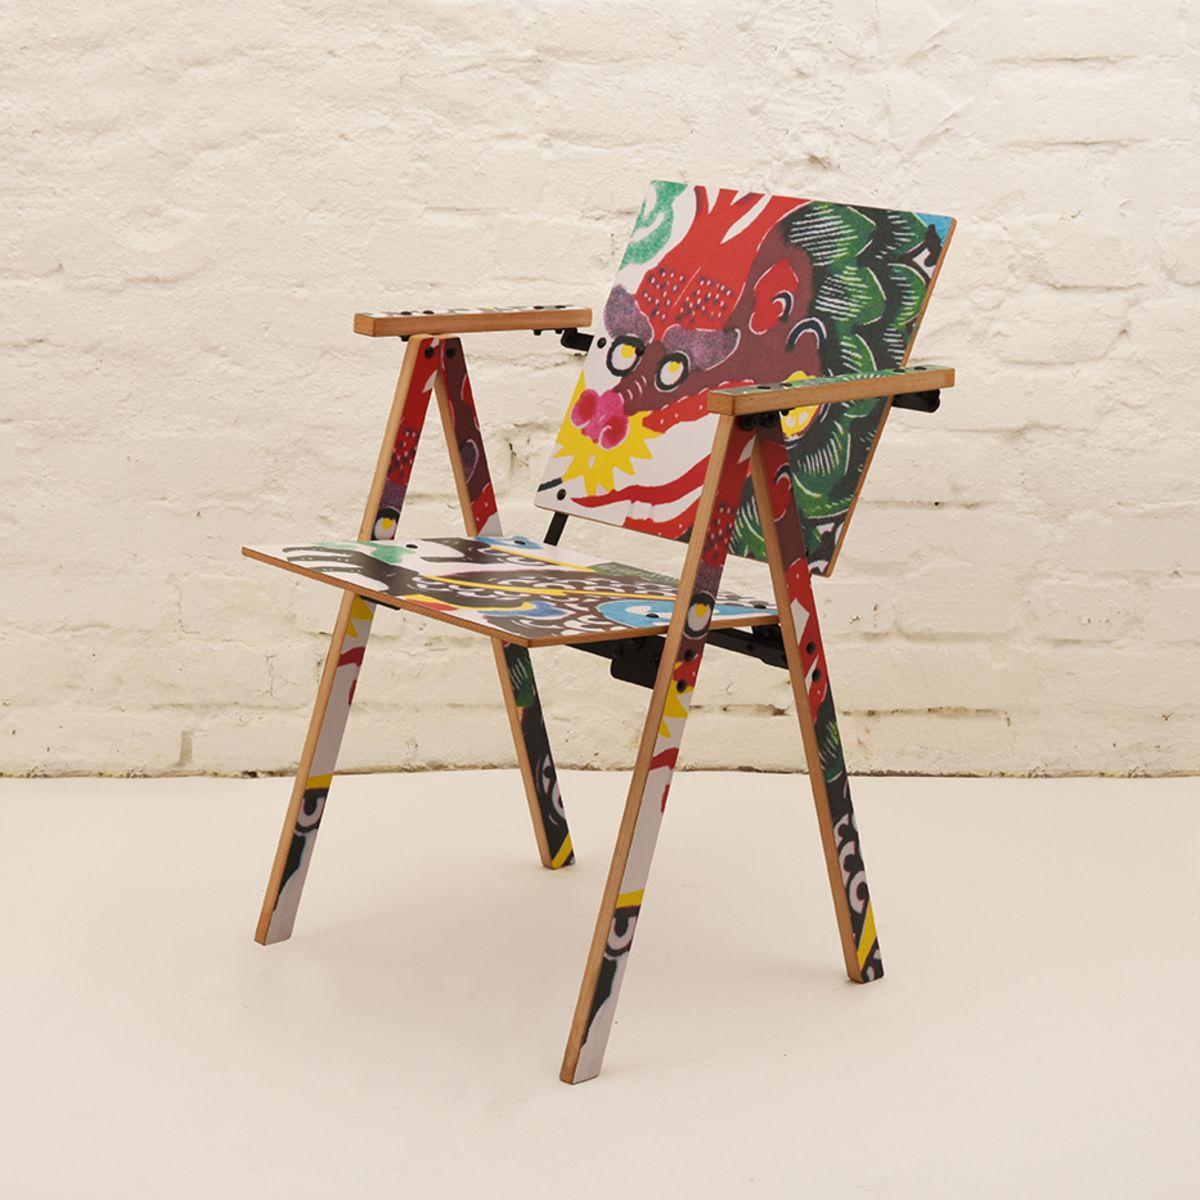 Yrjö-Kukkapuro_Tattoo-Chair